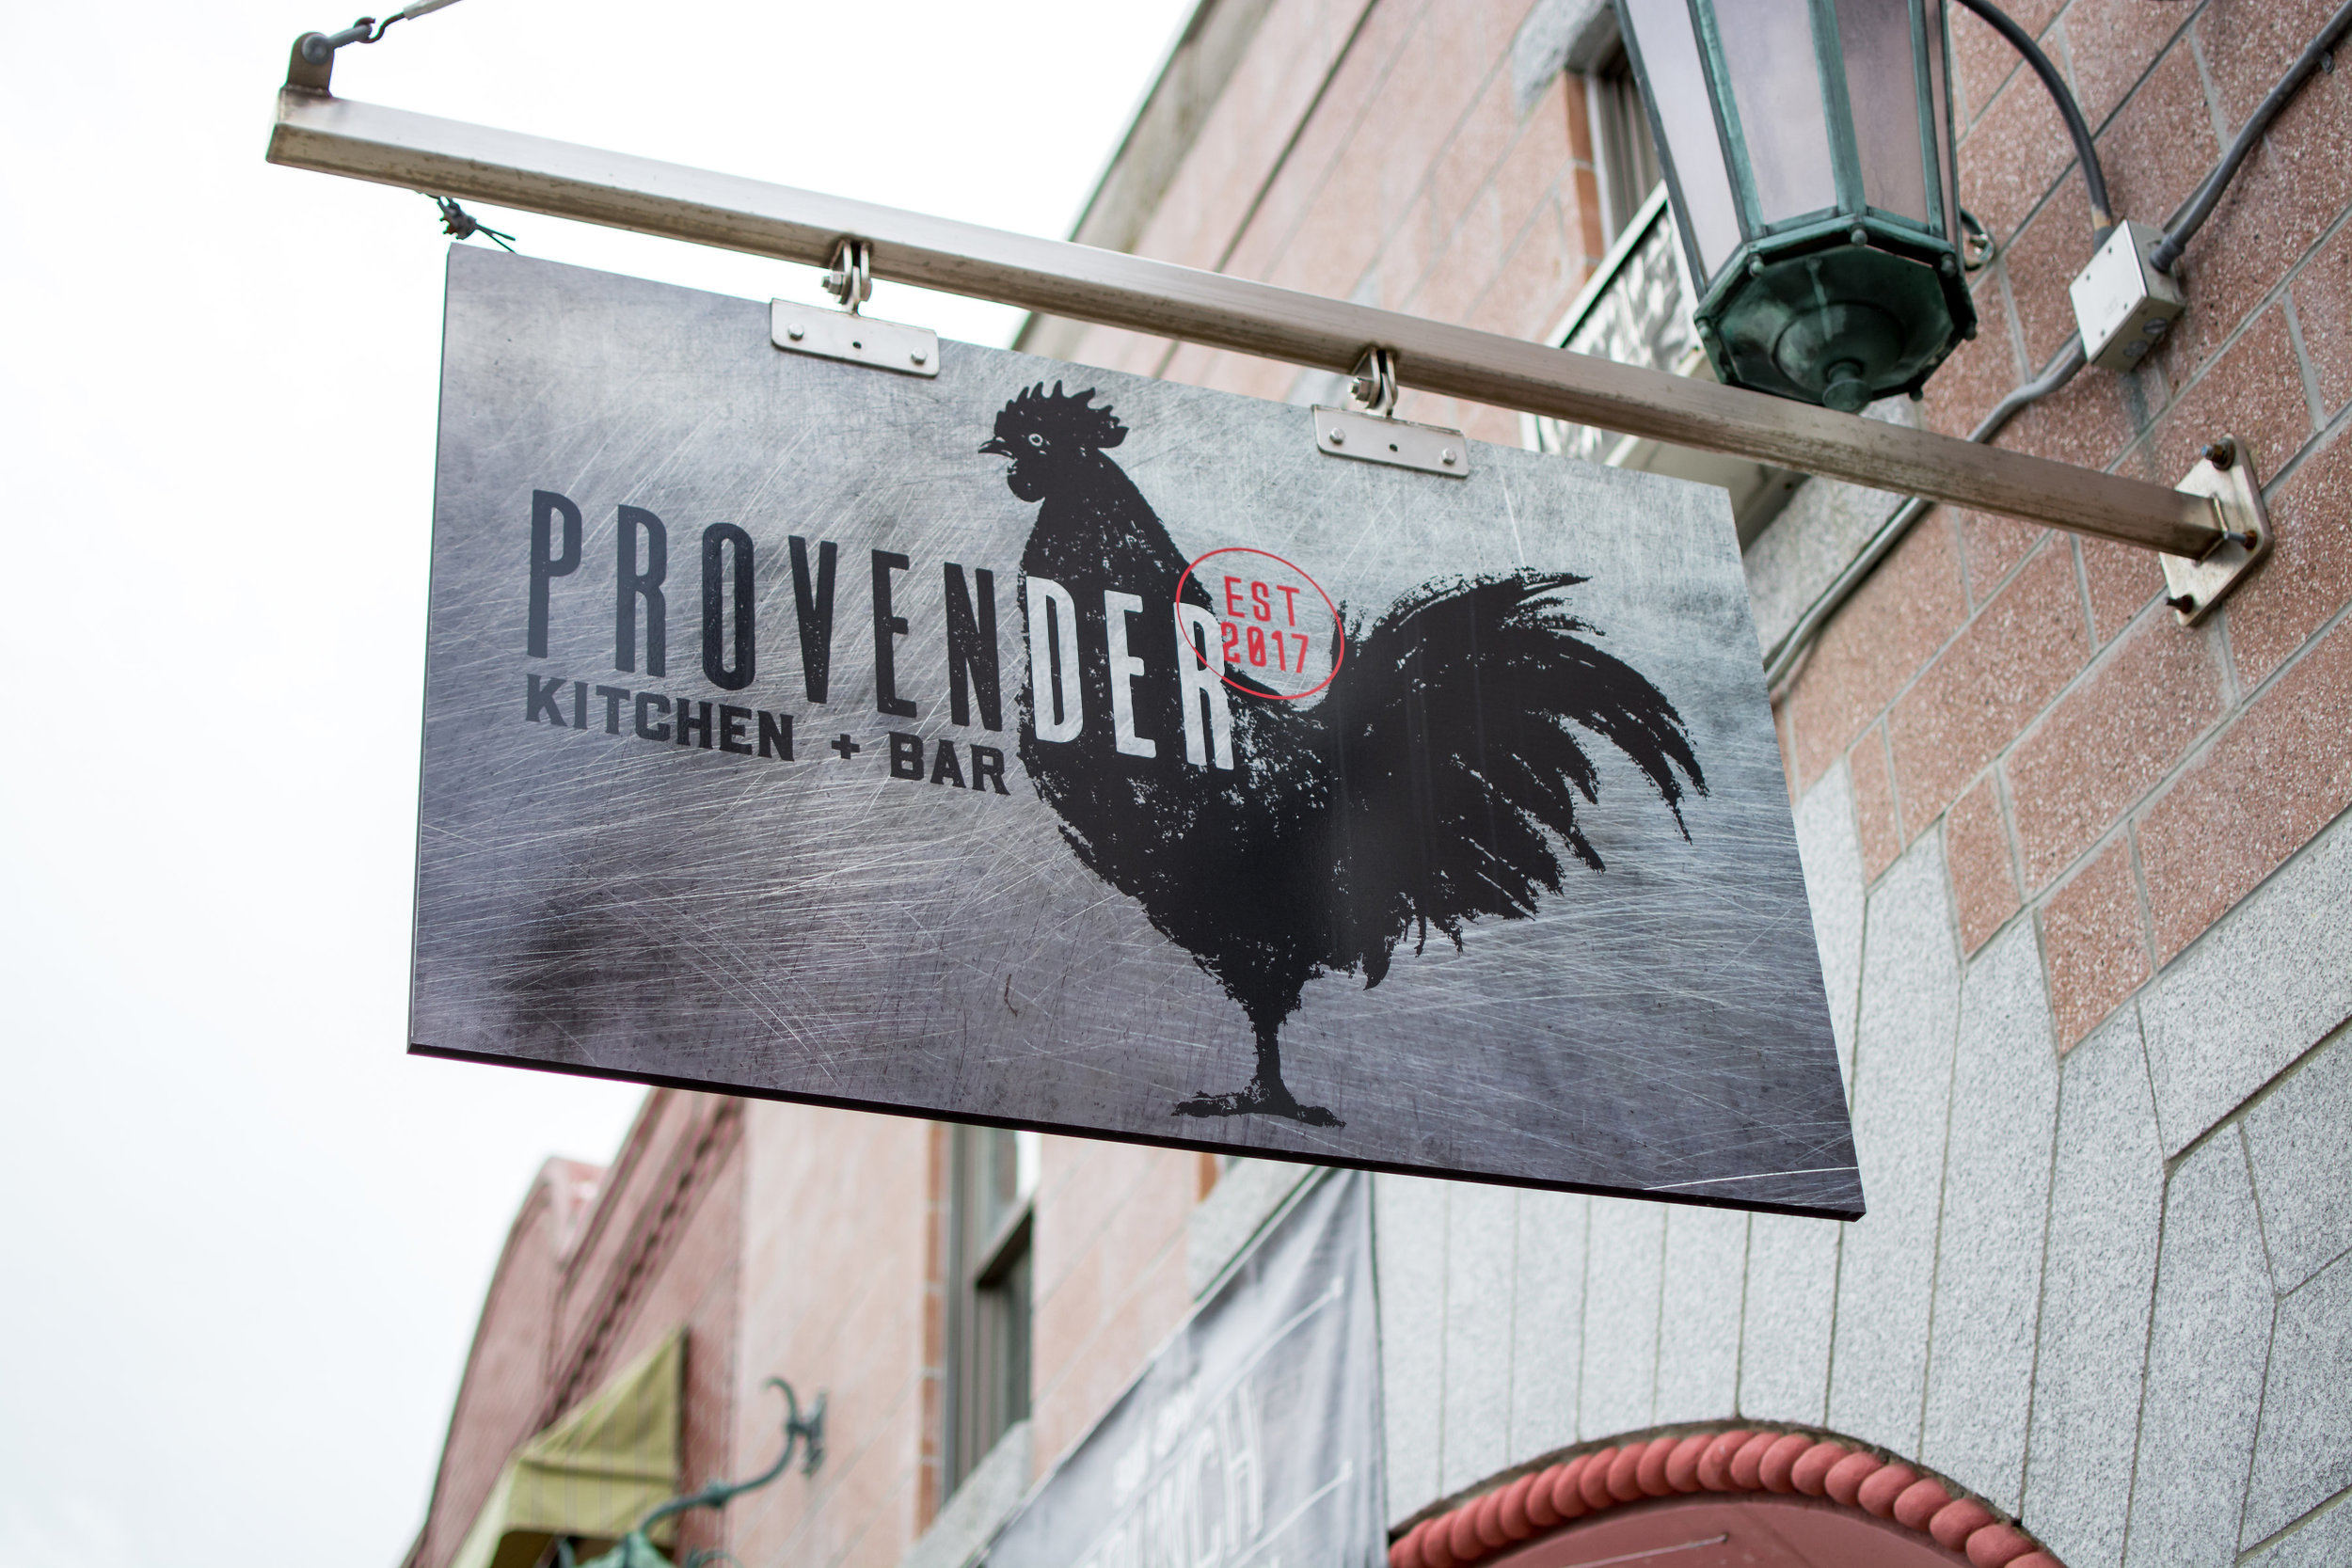 Provender-33.jpg